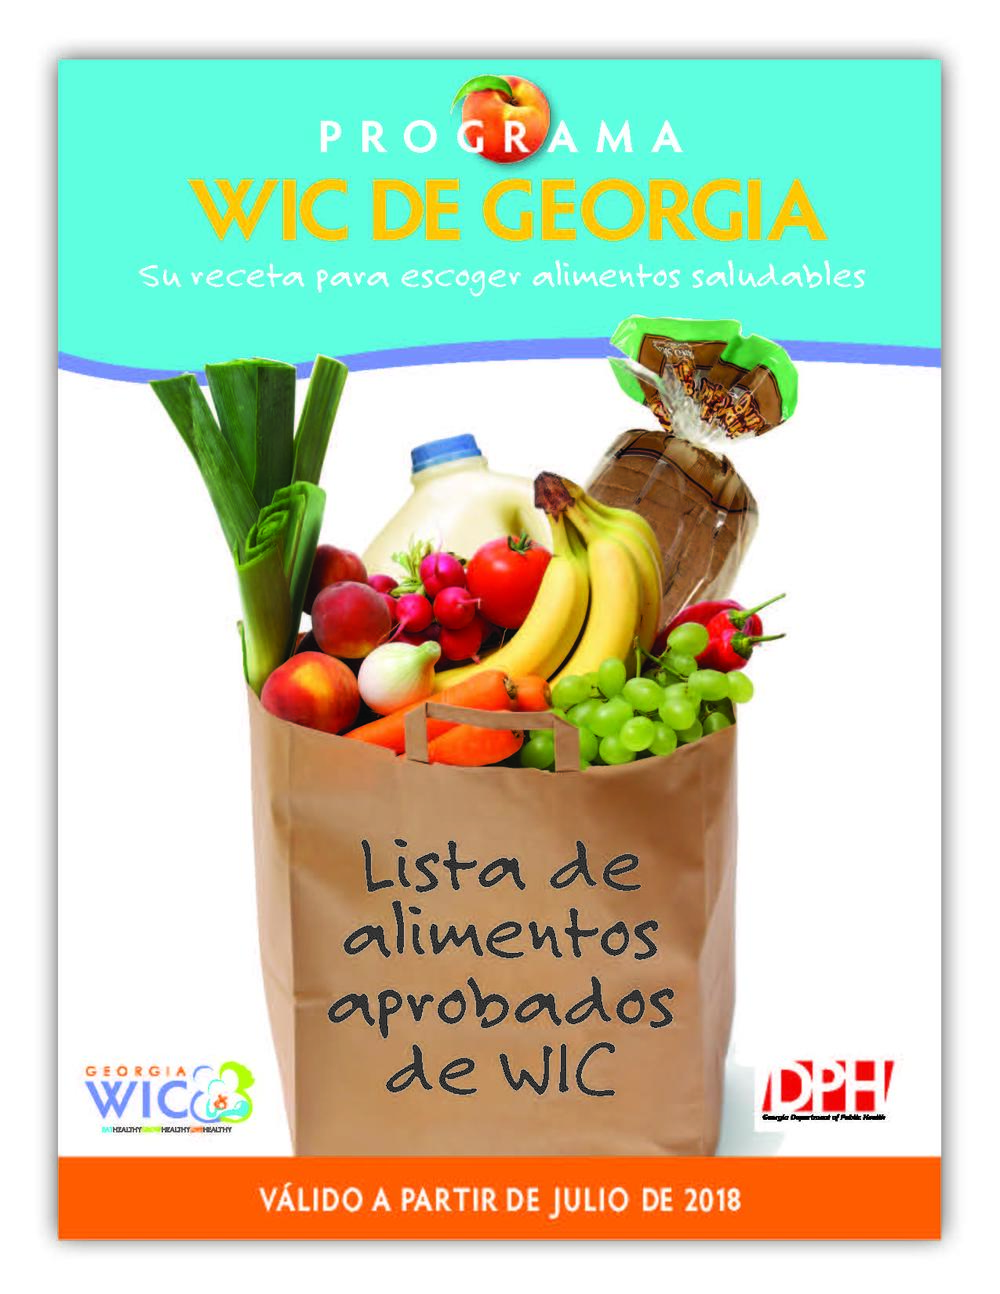 Lista de alimentos aprobados de WIC 2018